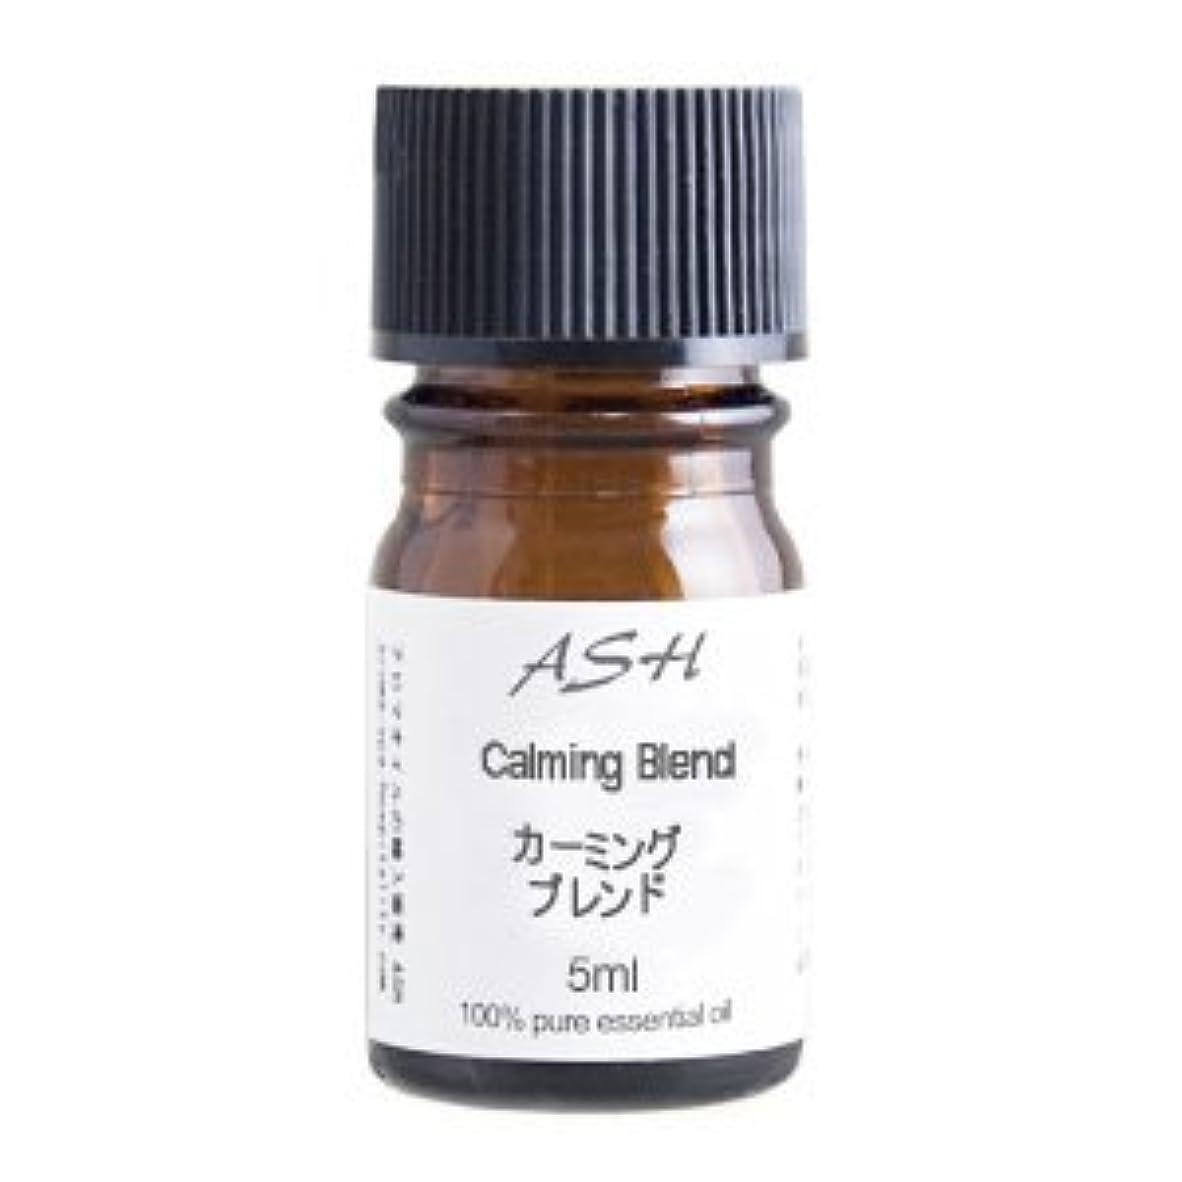 政令安価な期限ASH カーミング エッセンシャルオイル ブレンド 5ml 【アロマオイル 精油】